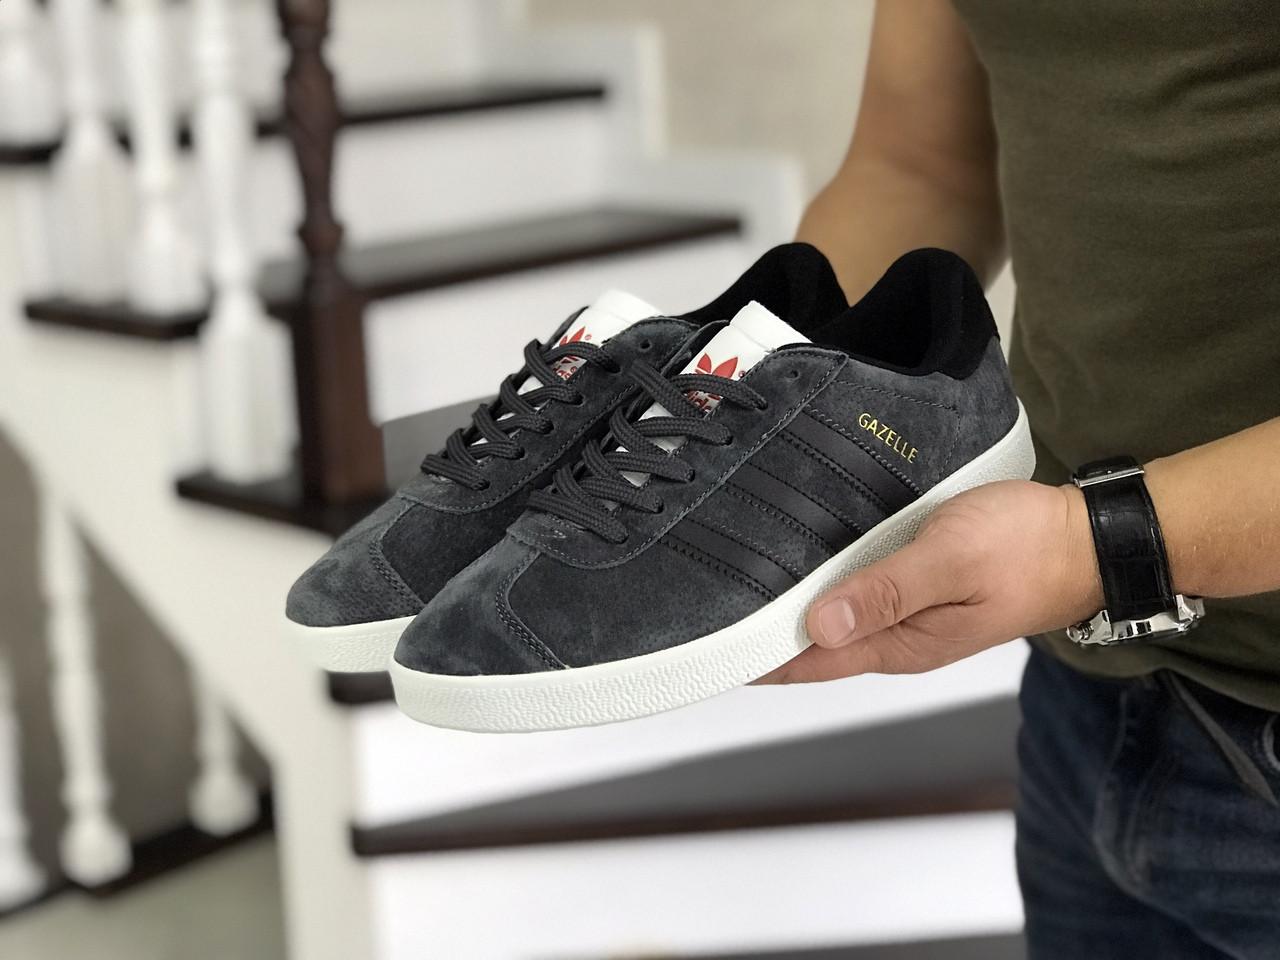 Замшевые мужские кроссовки Adidas Gazelle Leather Traine, серые / кеды адидас газели (Топ реплика ААА+)